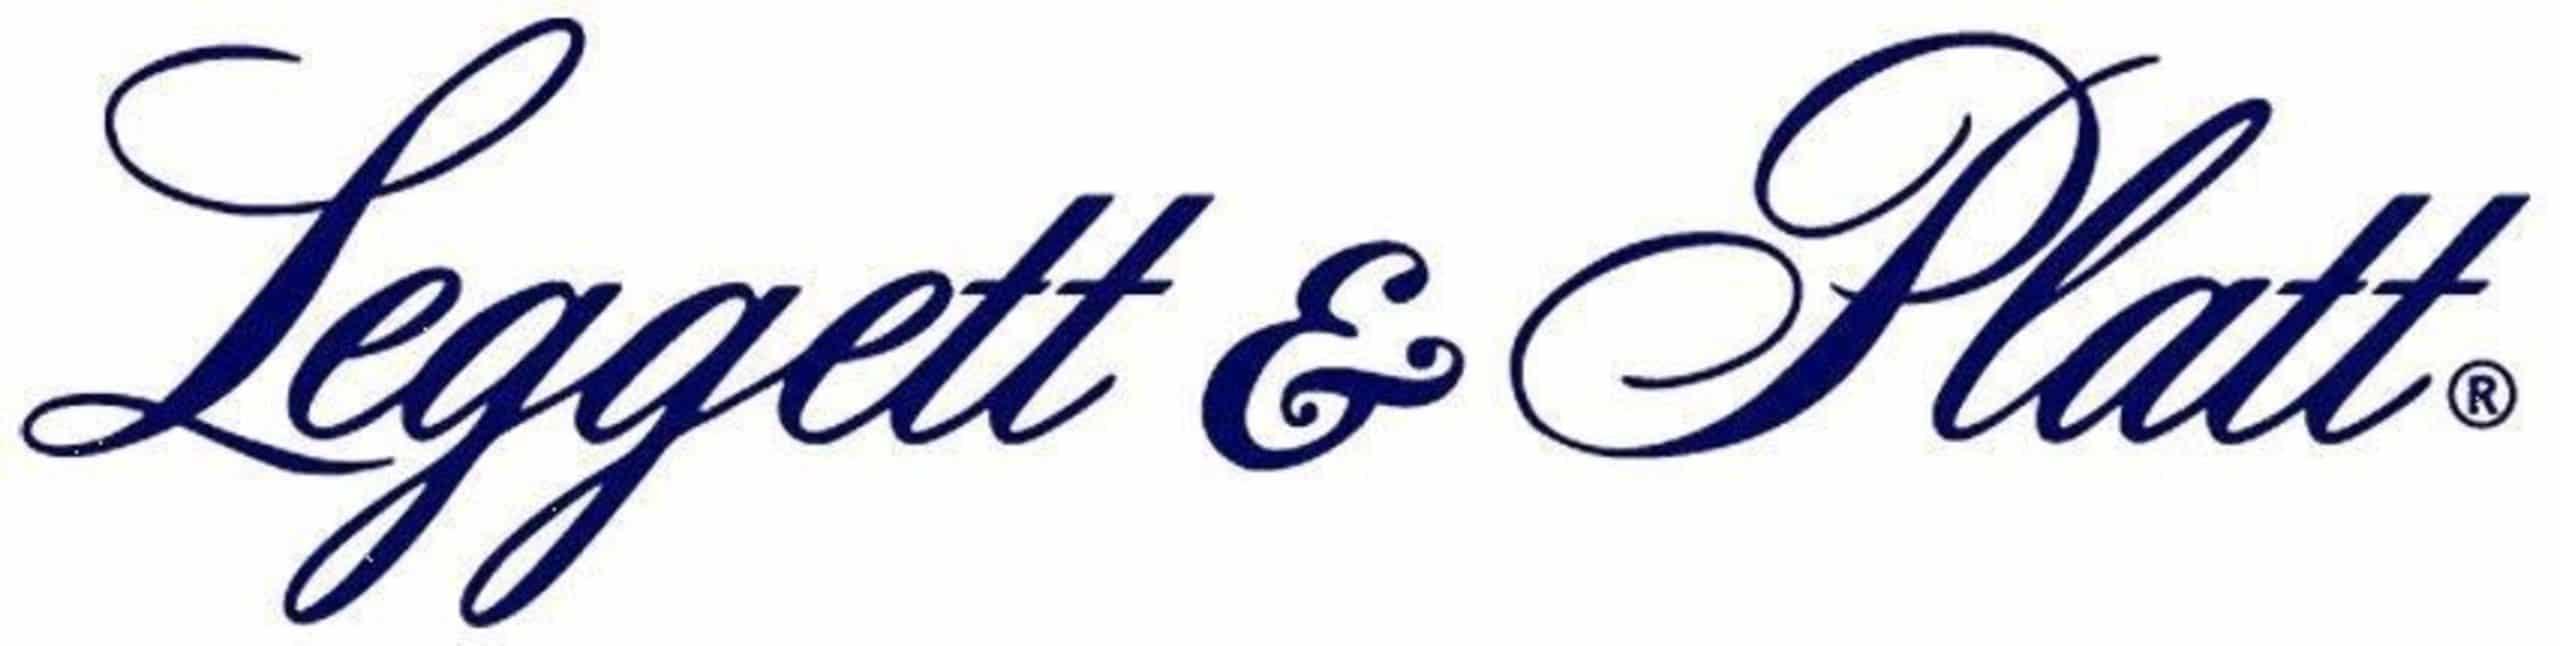 Leggett & Platt logo (PRNewsFoto/Leggett & Platt)